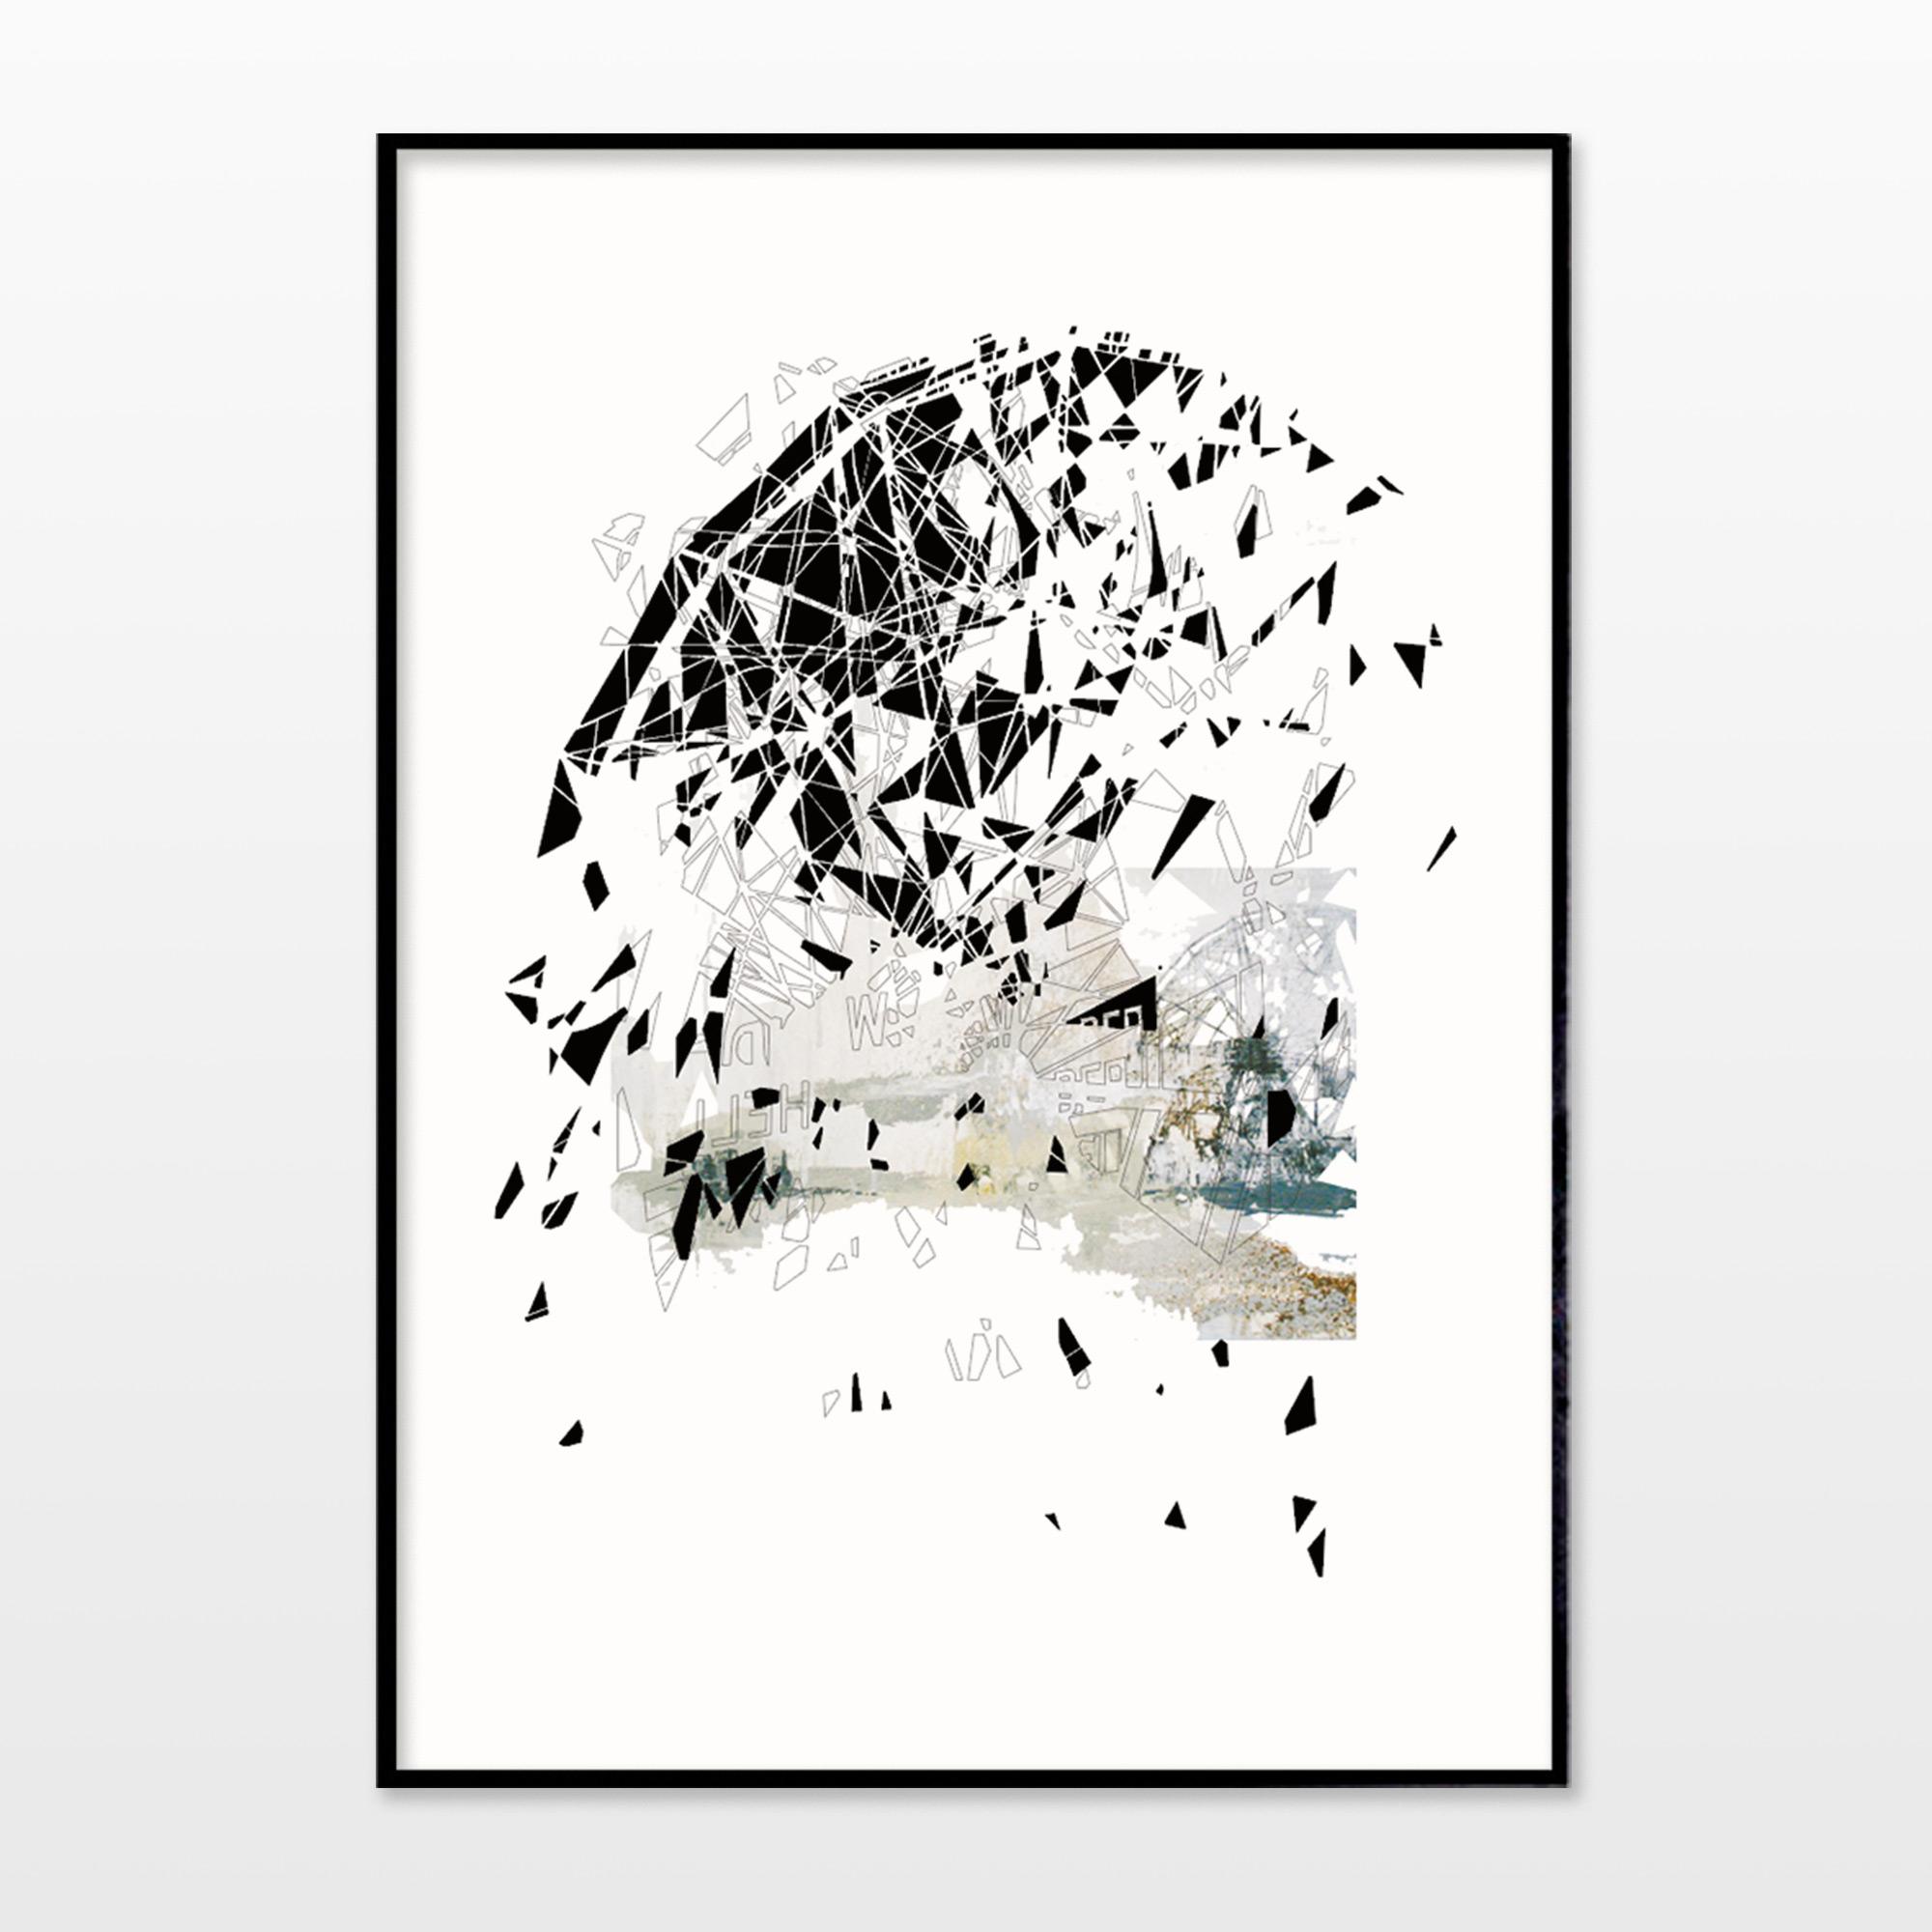 plakater-posters-kunsttryk, fotografier, new-media, abstrakte, grafiske, arkitektur, mønstre, sorte, blæk, papir, arkitektoniske, sort-hvide, bygninger, samtidskunst, kubisme, dansk, dekorative, design, interiør, bolig-indretning, moderne, moderne-kunst, nordisk, plakater, tryk, skandinavisk, symmetri, Køb original kunst og kunstplakater. Malerier, tegninger, limited edition kunsttryk & plakater af dygtige kunstnere.